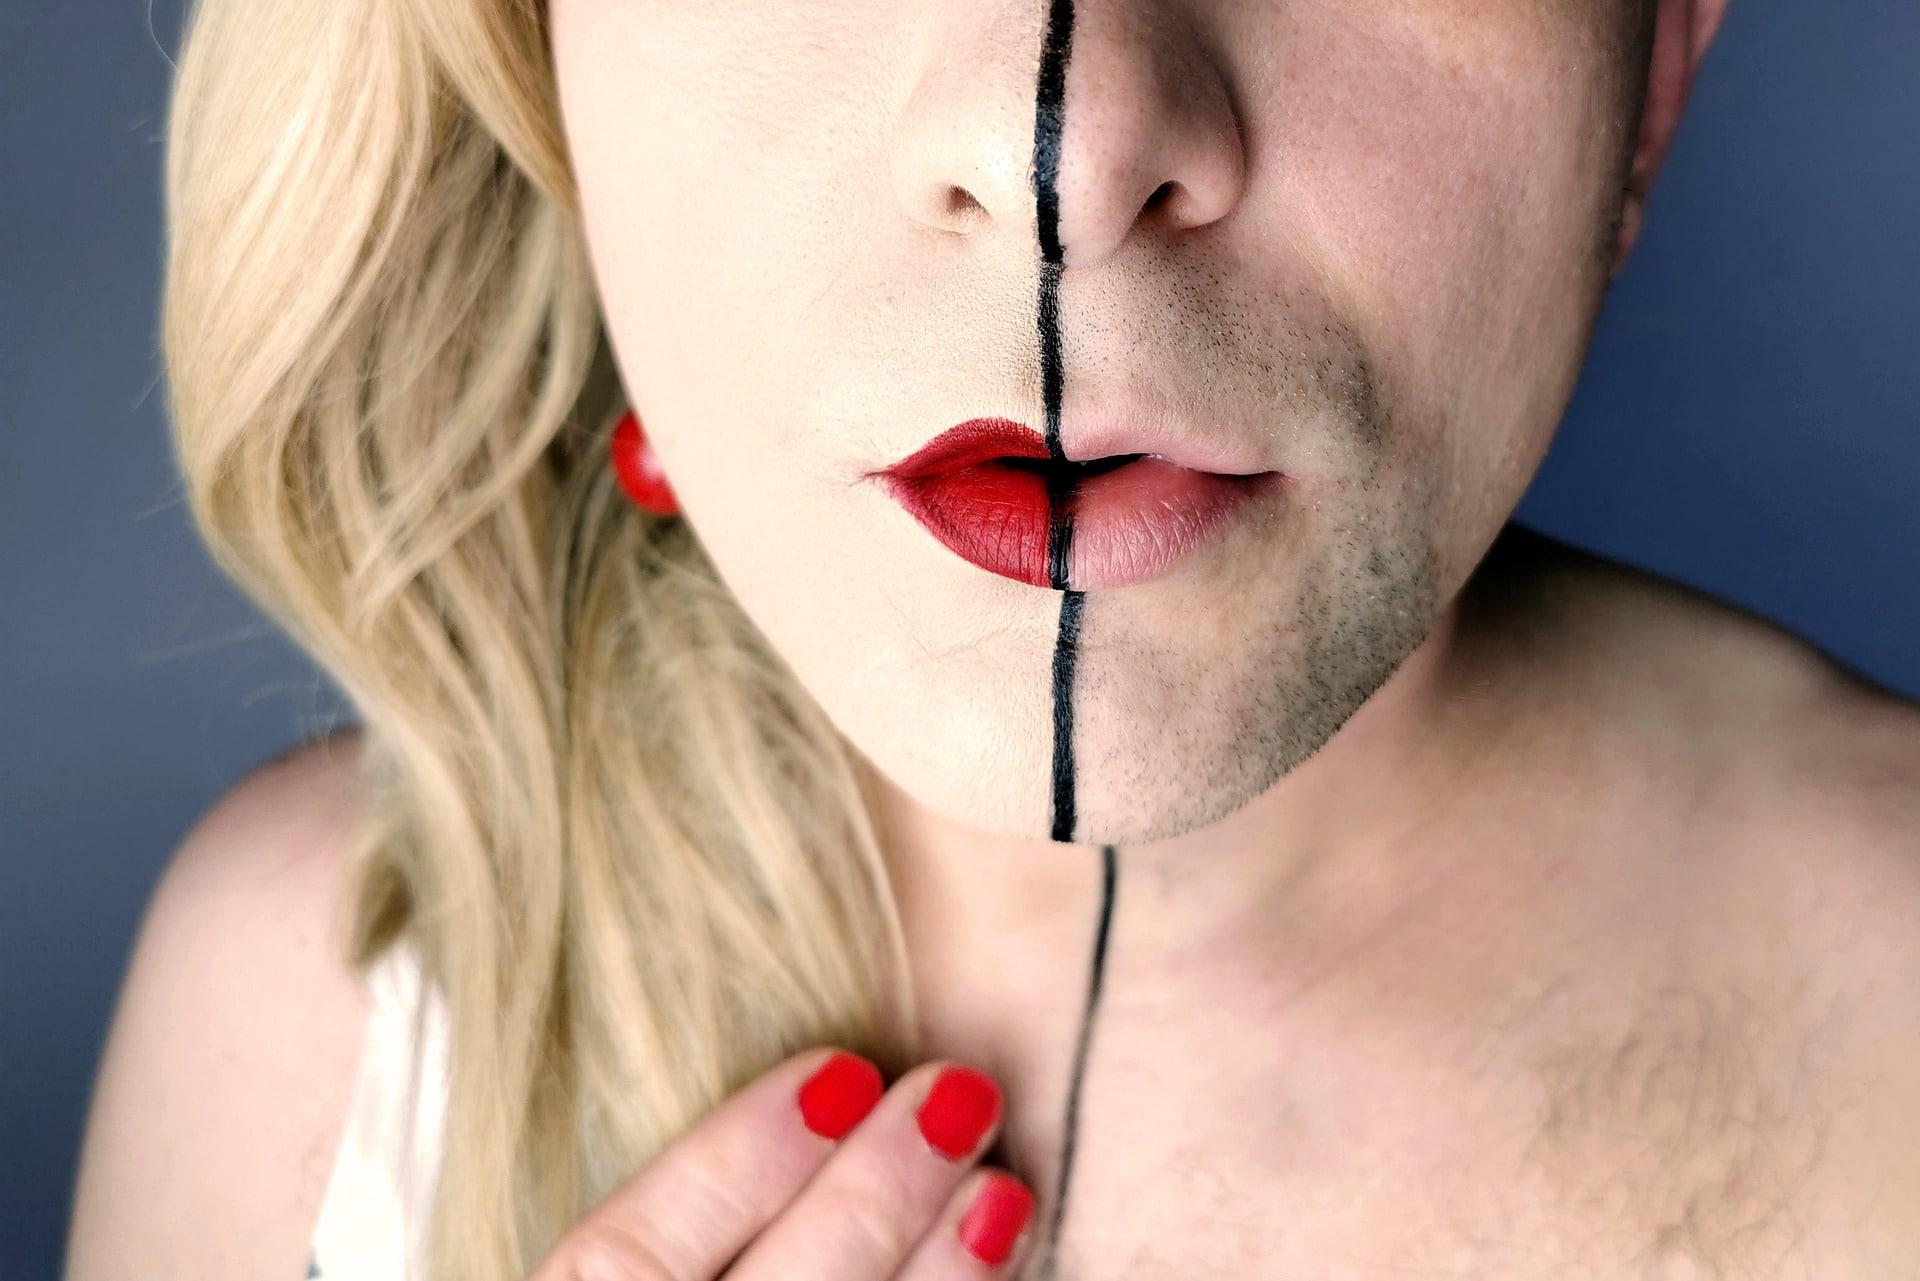 Swindon lie detector test, transvestite, lesbian, infidelity